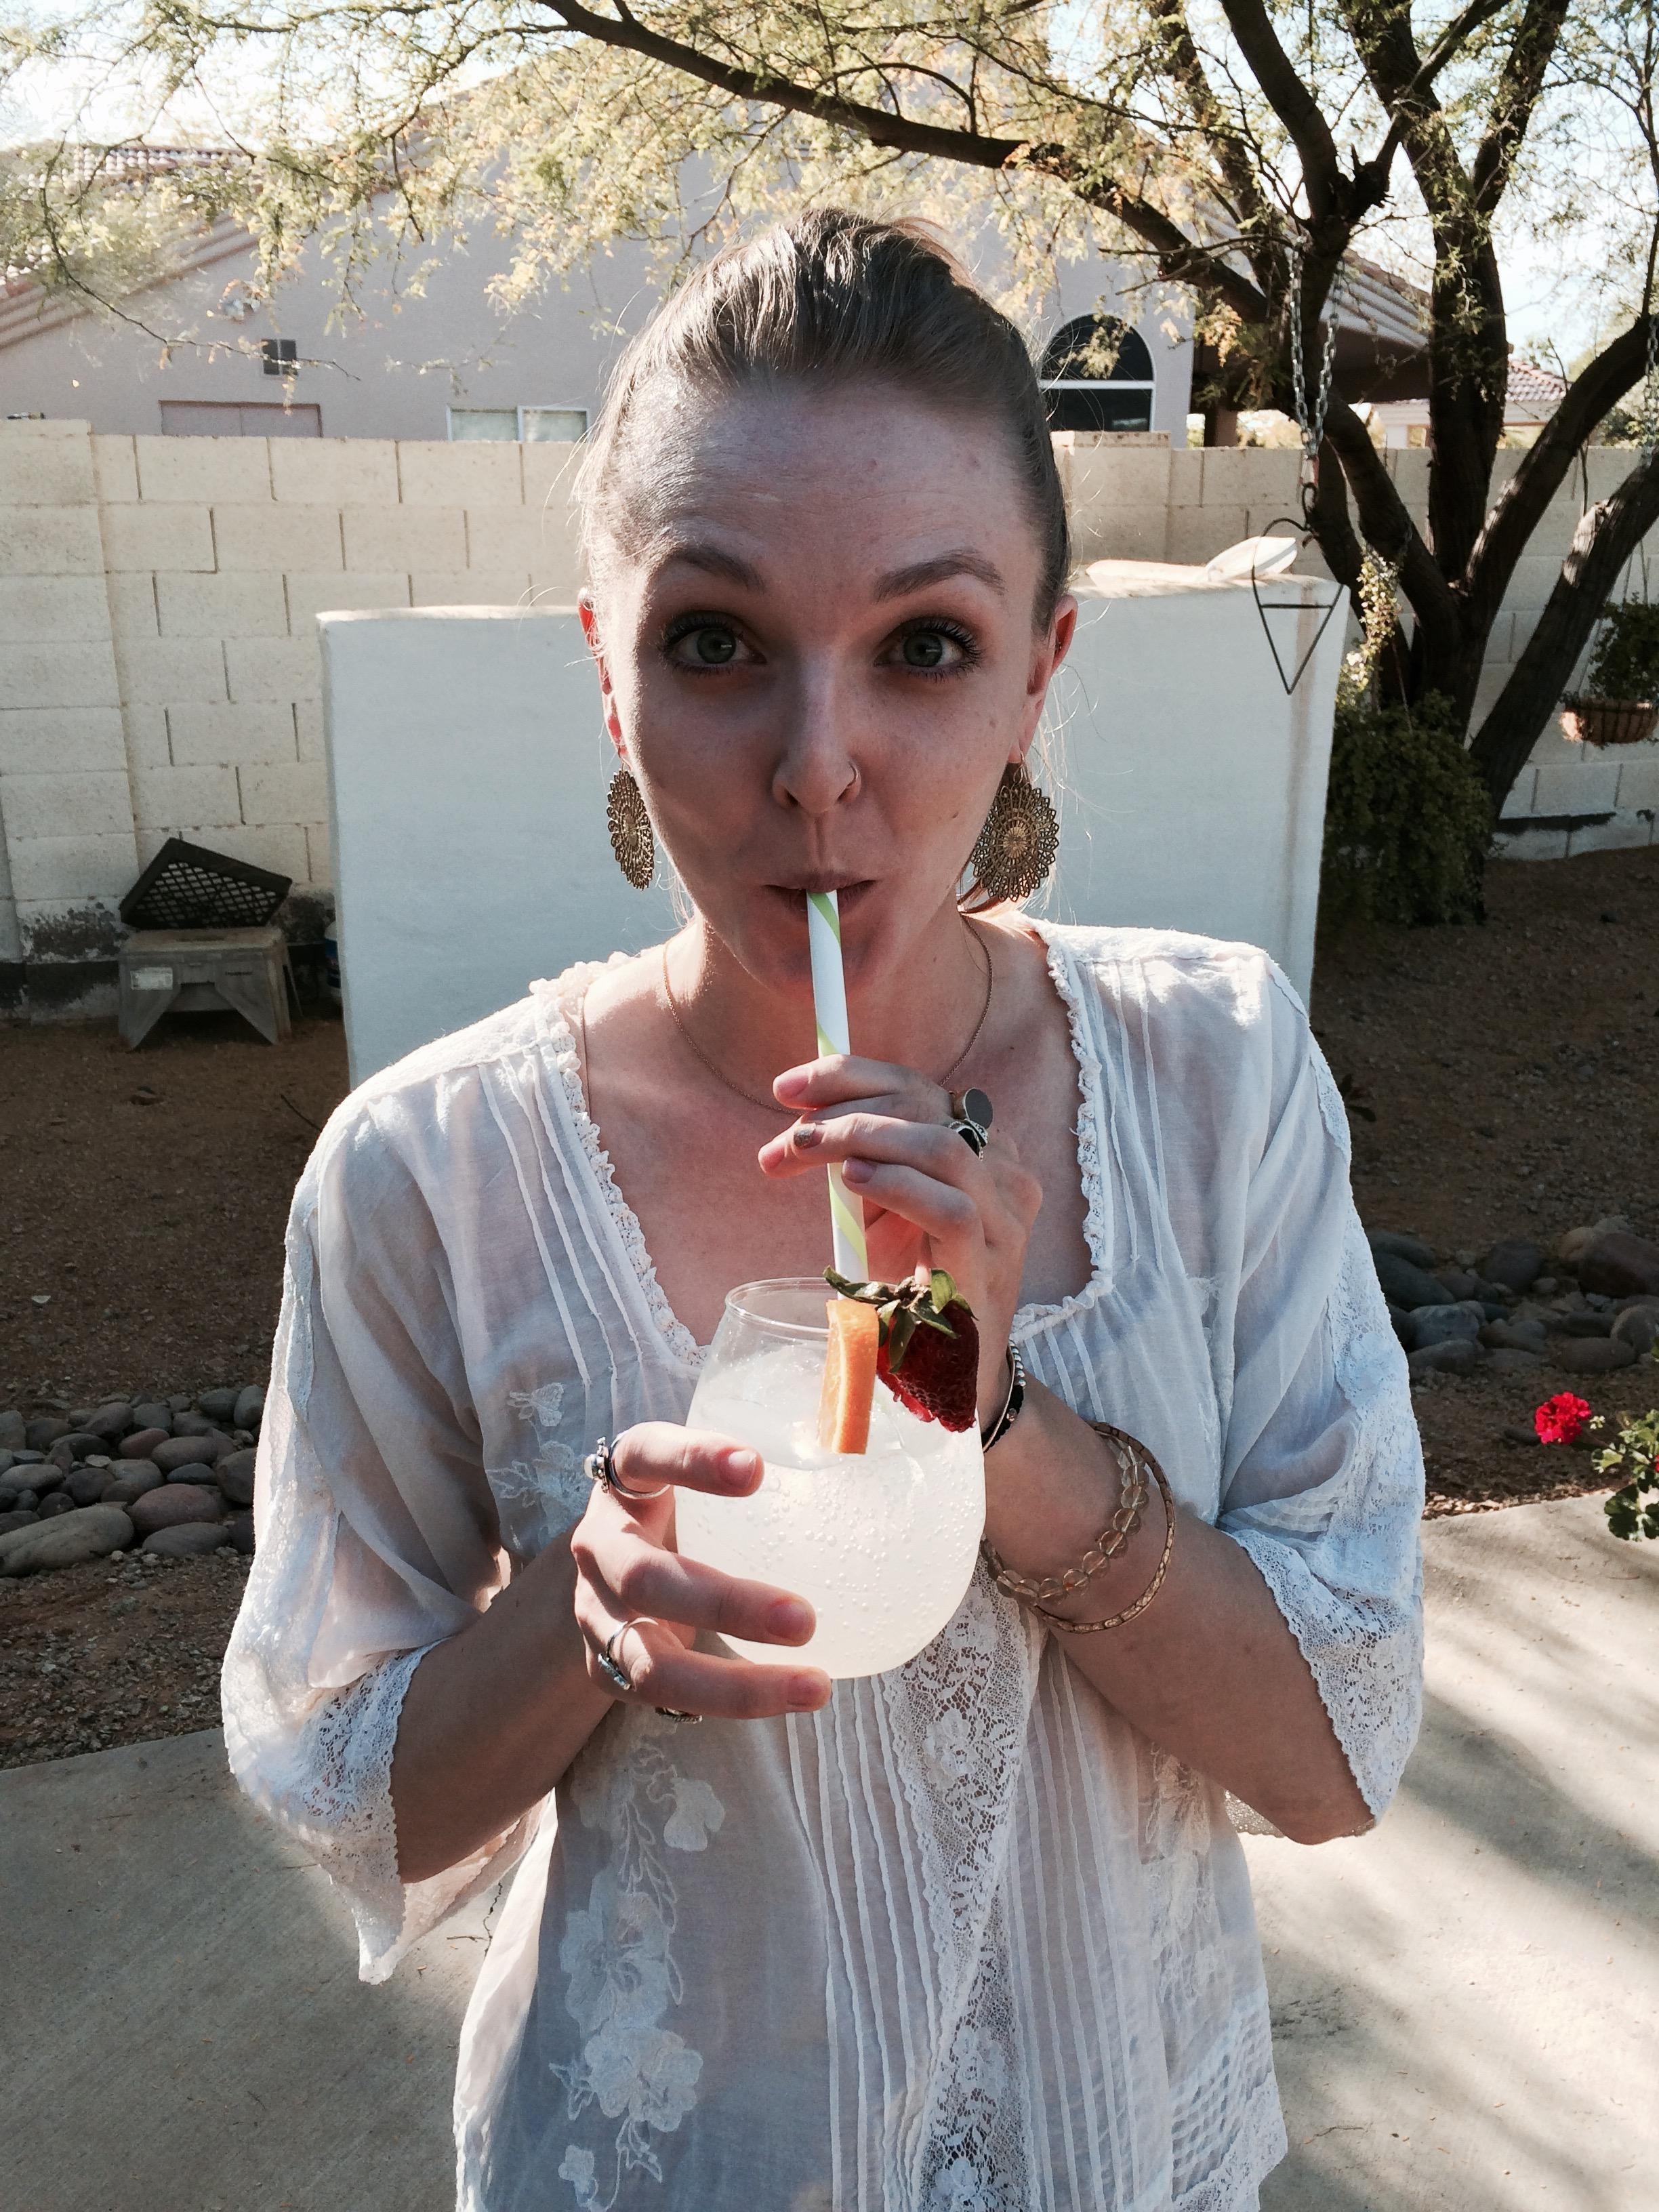 Mocktail | Sparkling water + Orange + Strawberry | #SundayFunday Vibes